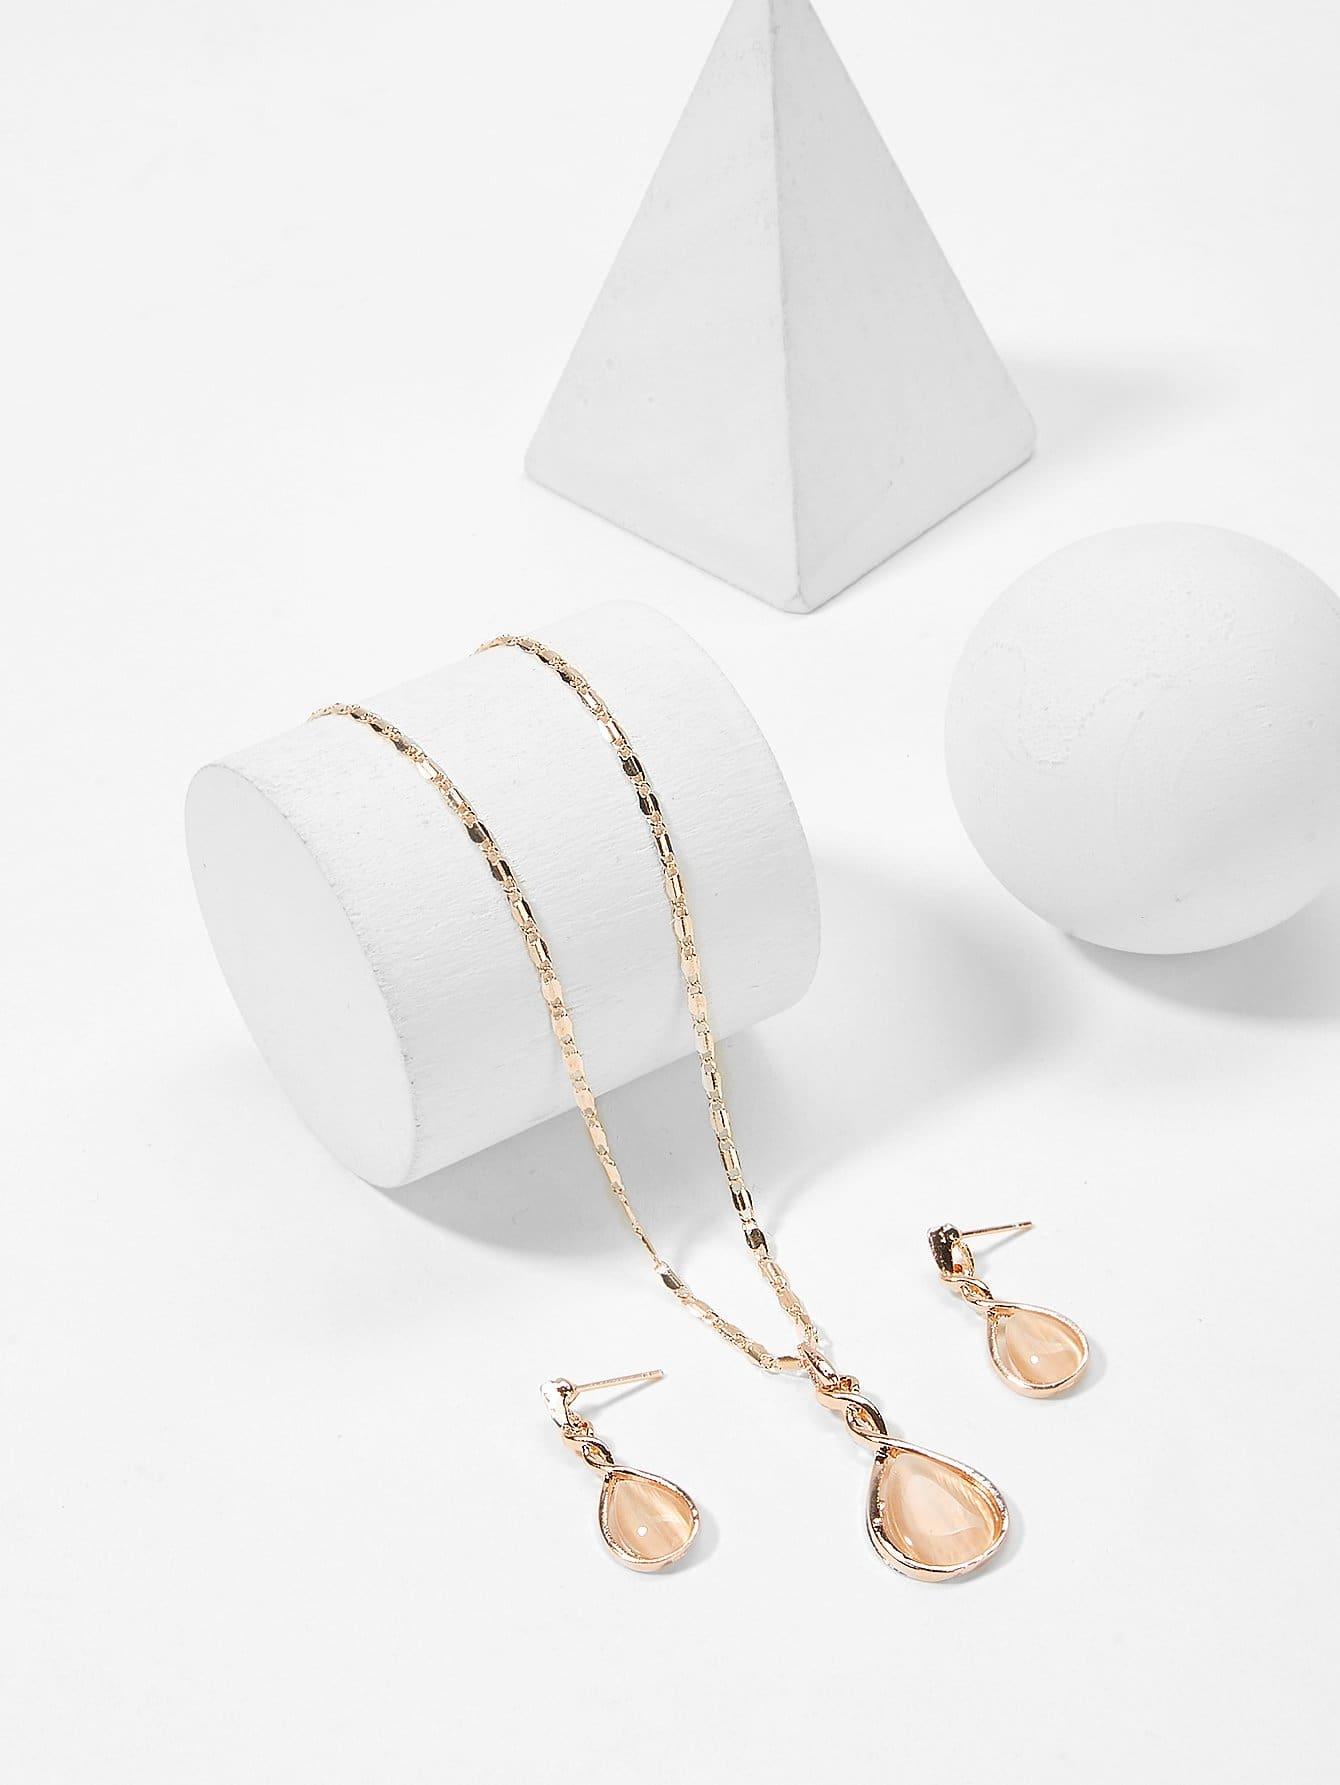 Halskette mit Birne geformtem Anhänger und Ohrringe